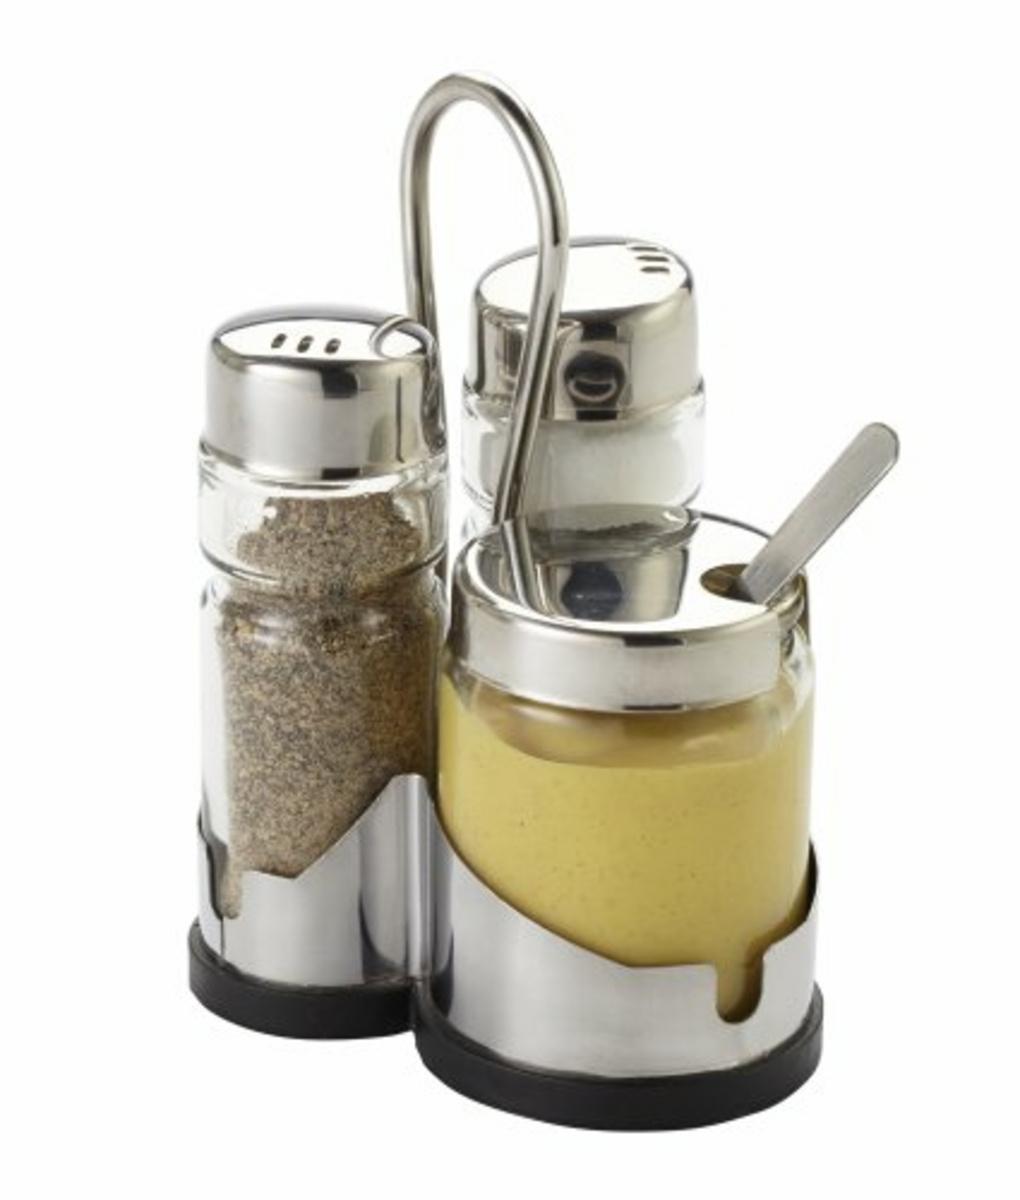 Ménagère sel/poivre/moutarde 13 cm Eco Pro.mundi